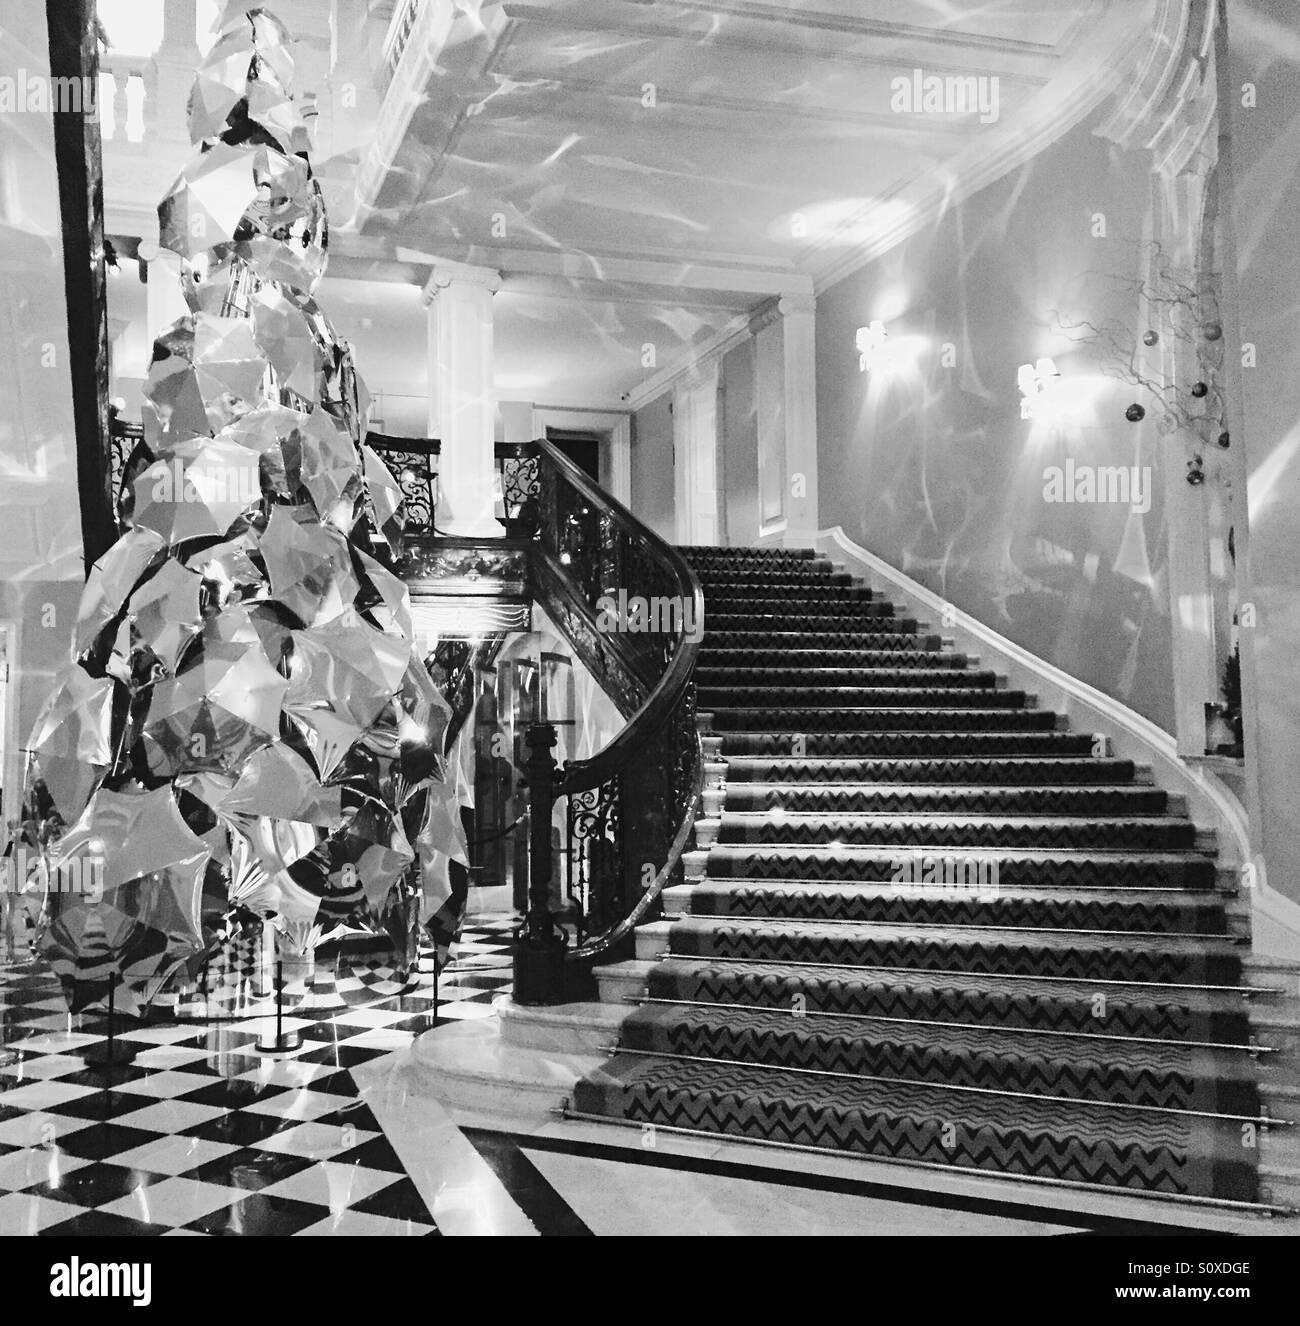 Escalera en un hotel de lujo Imagen De Stock